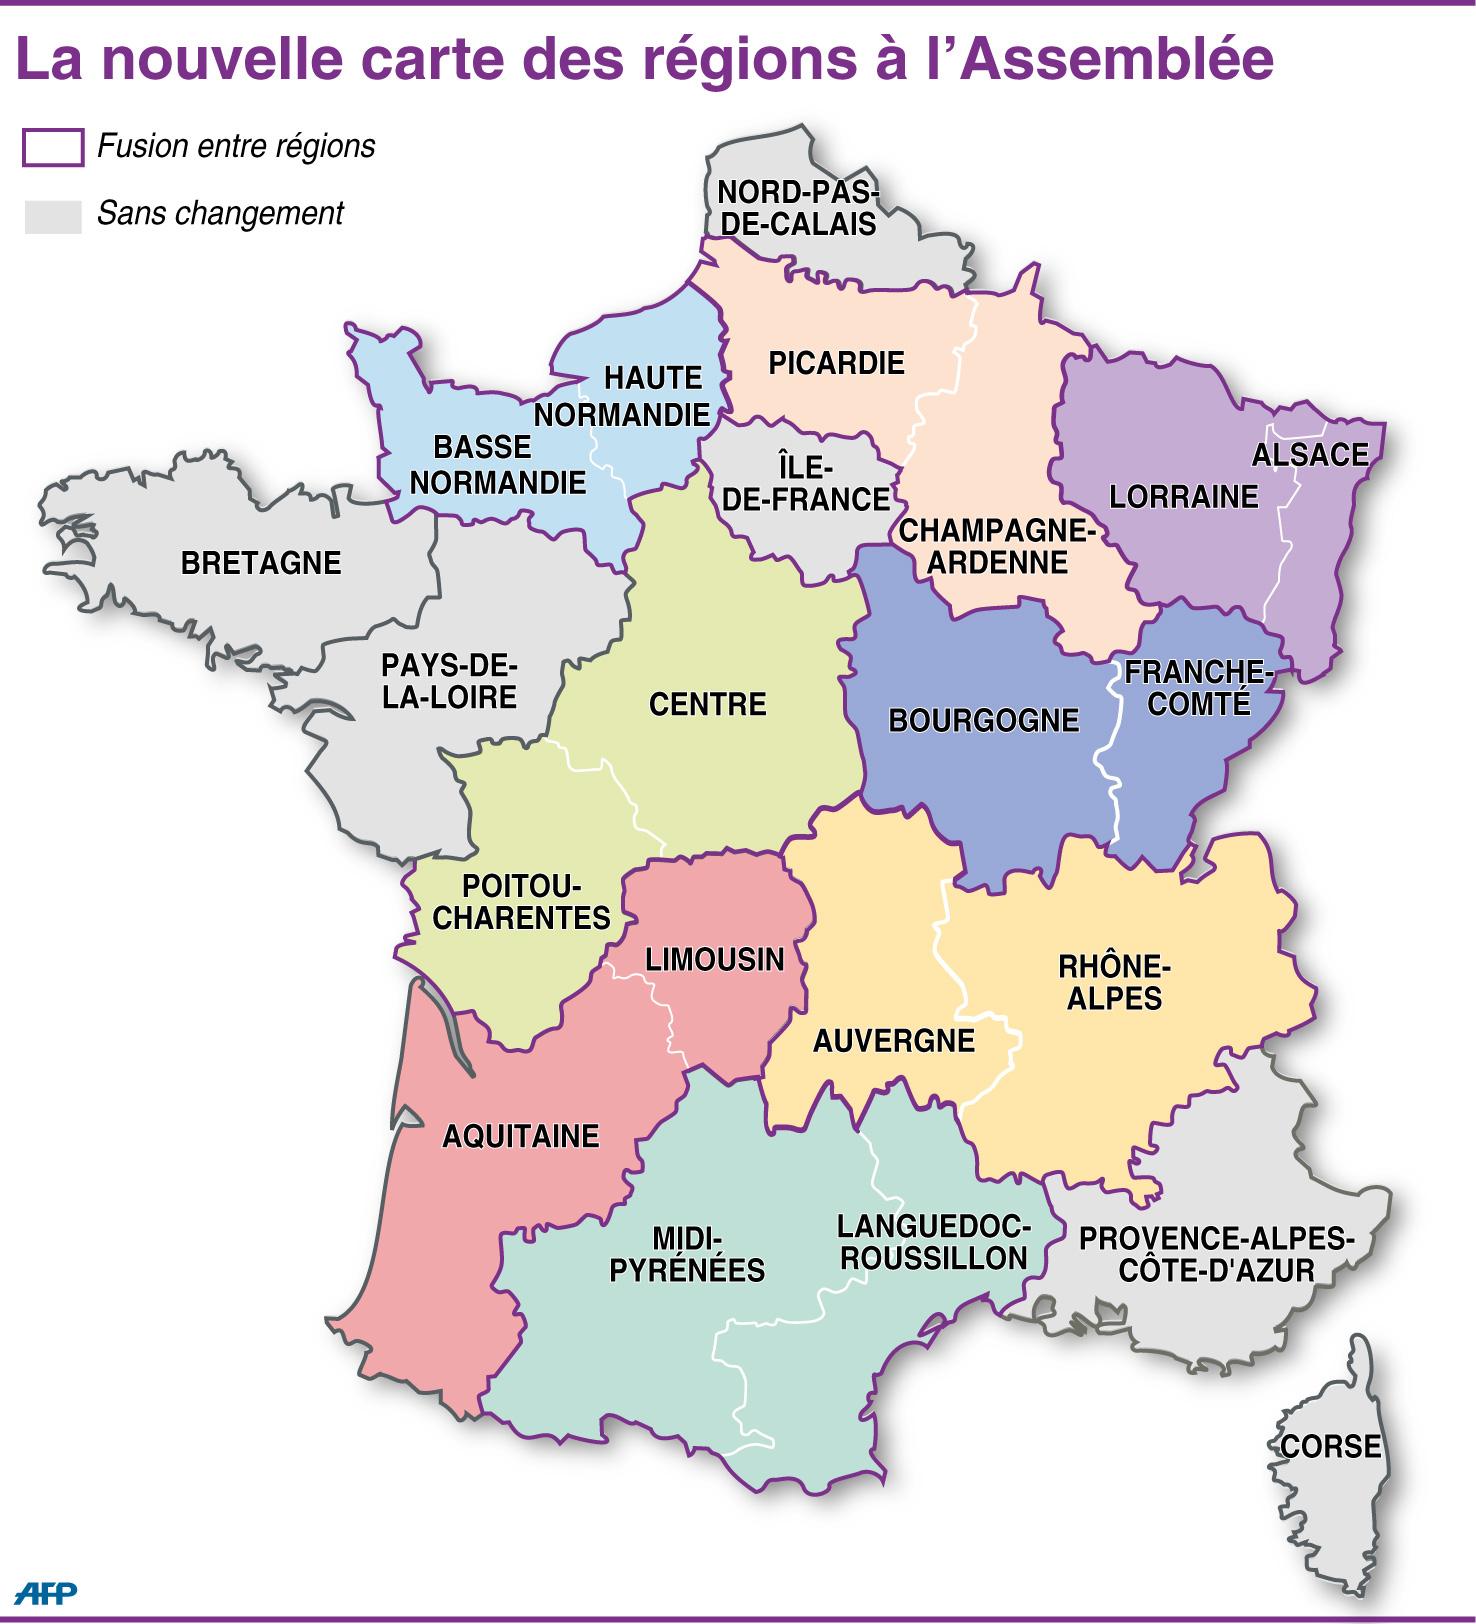 Réforme Territoriale : Les Députés Cherchent Le Consensus dedans Nouvelles Régions De France 2017